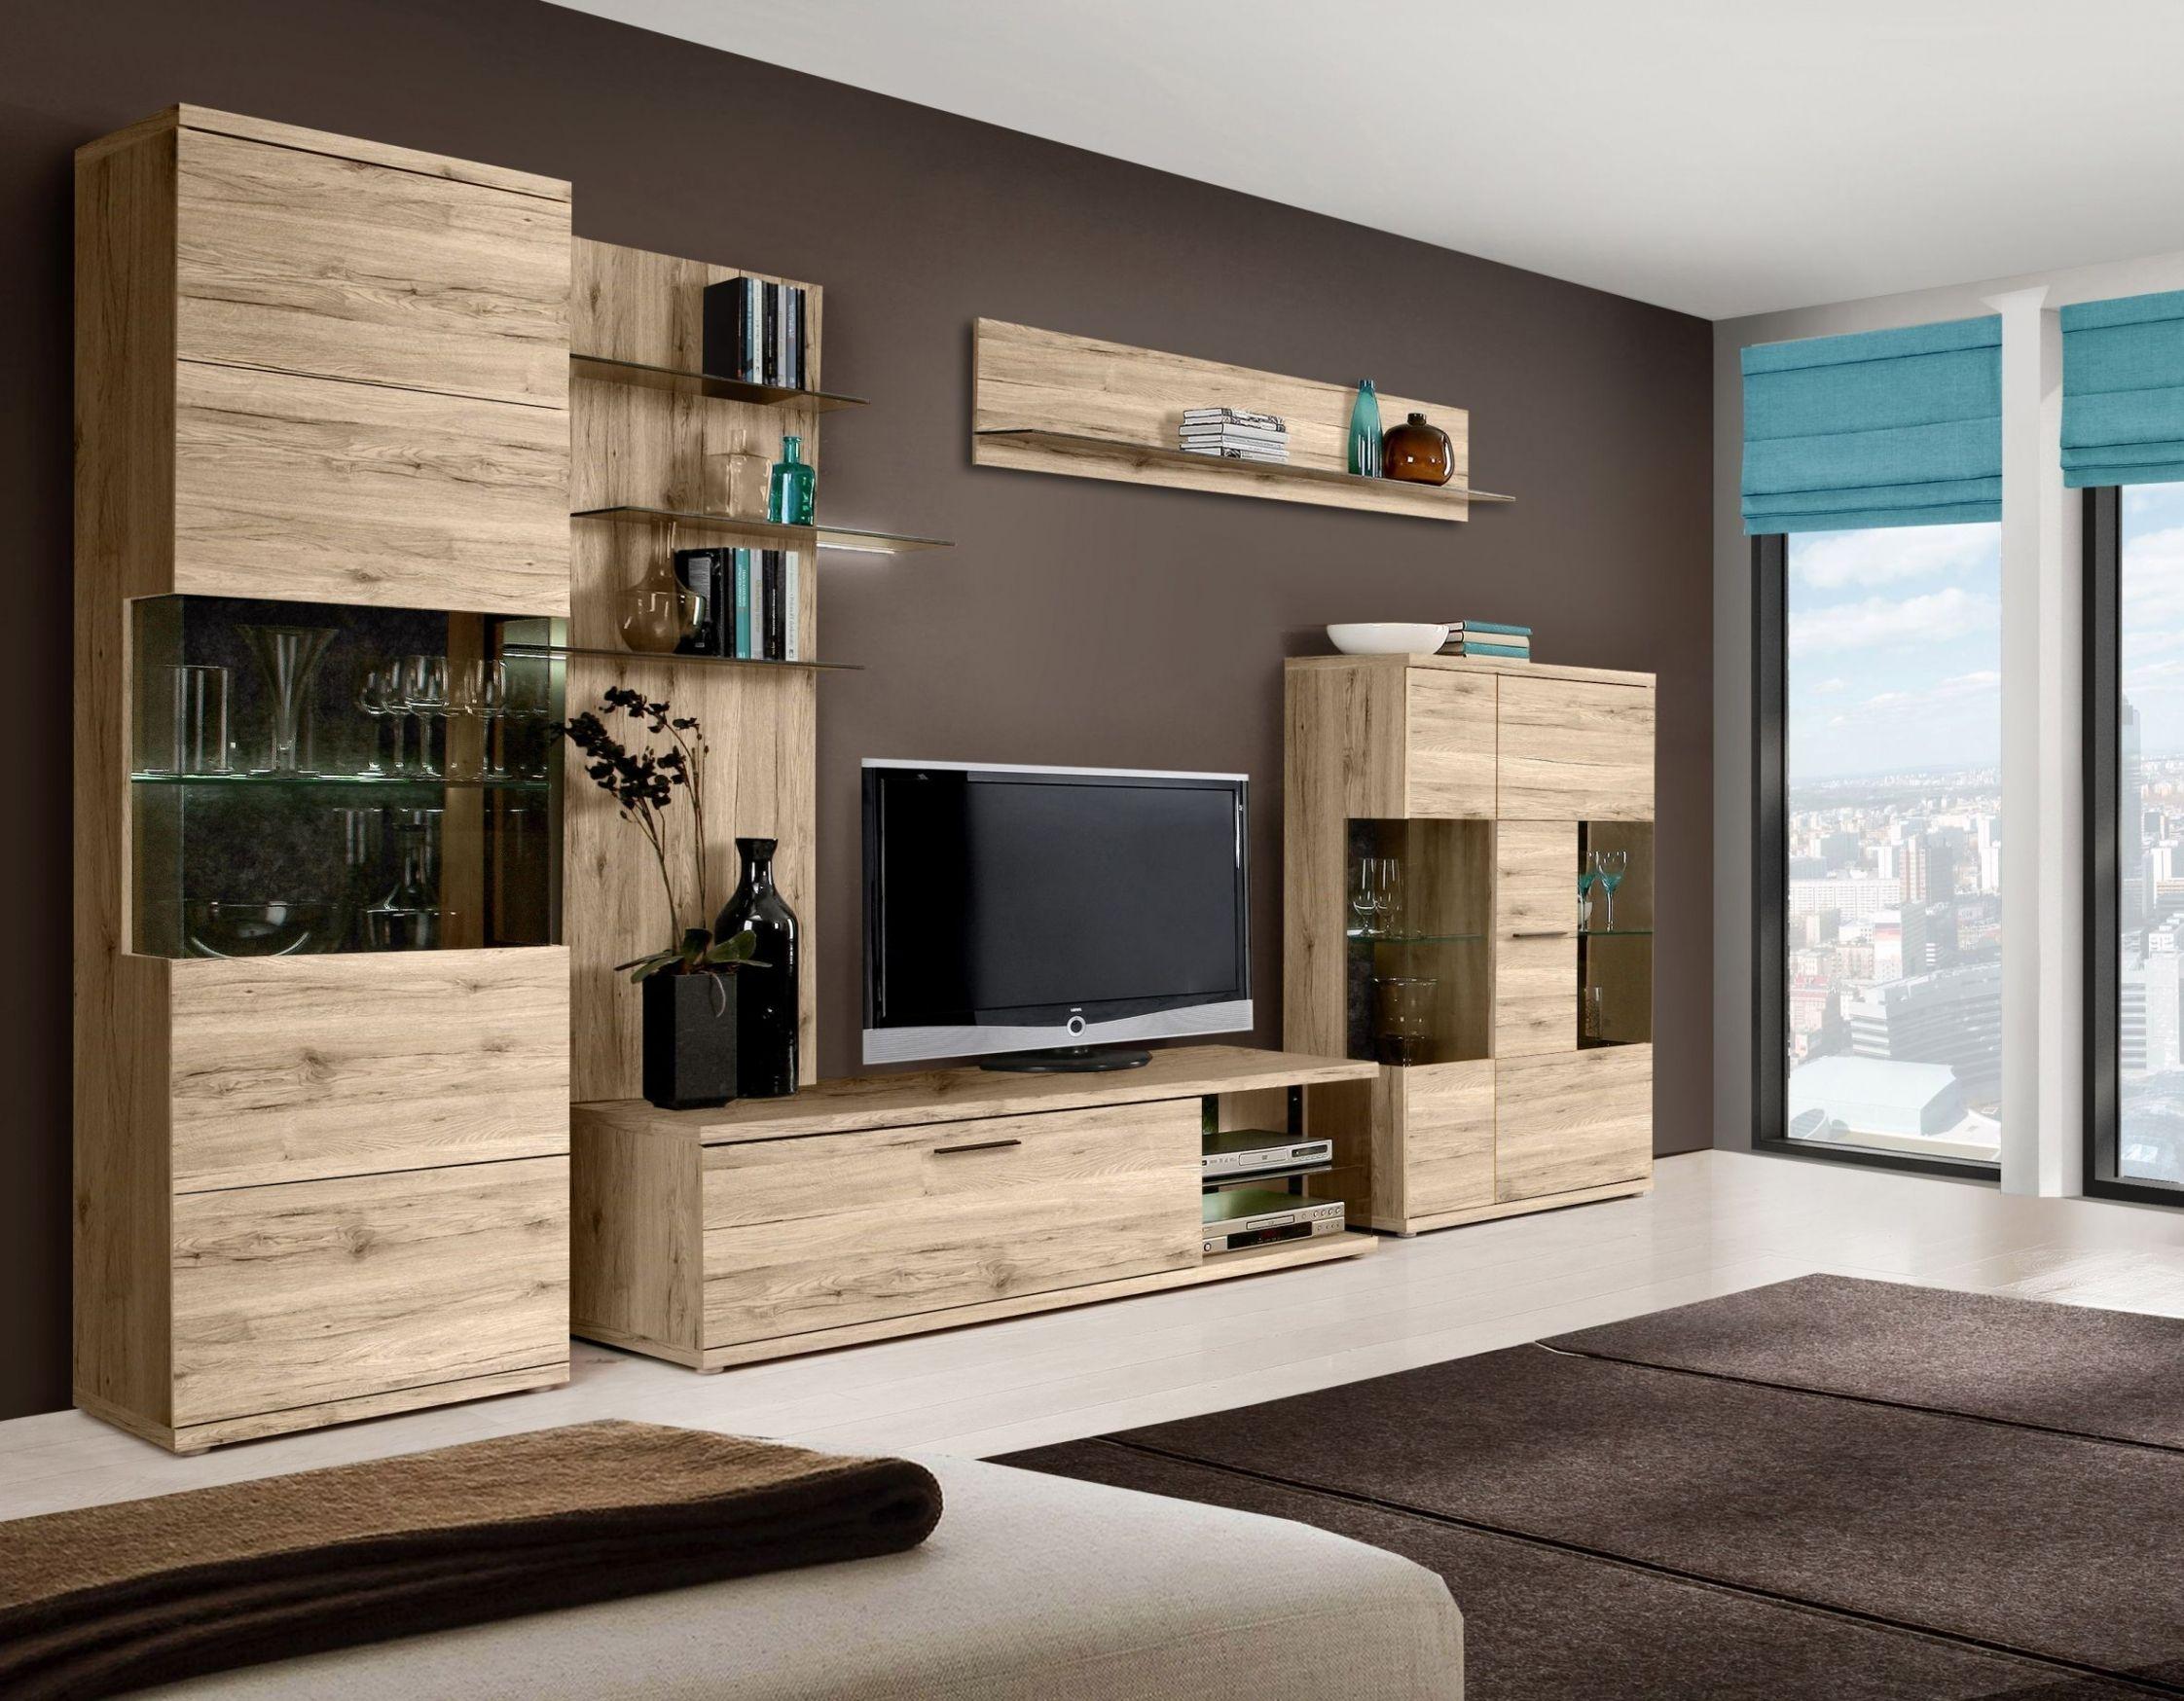 Wohnzimmermöbel nussbaum ~ Einzigartig wohnzimmer wohnwand wohnzimmermöbel